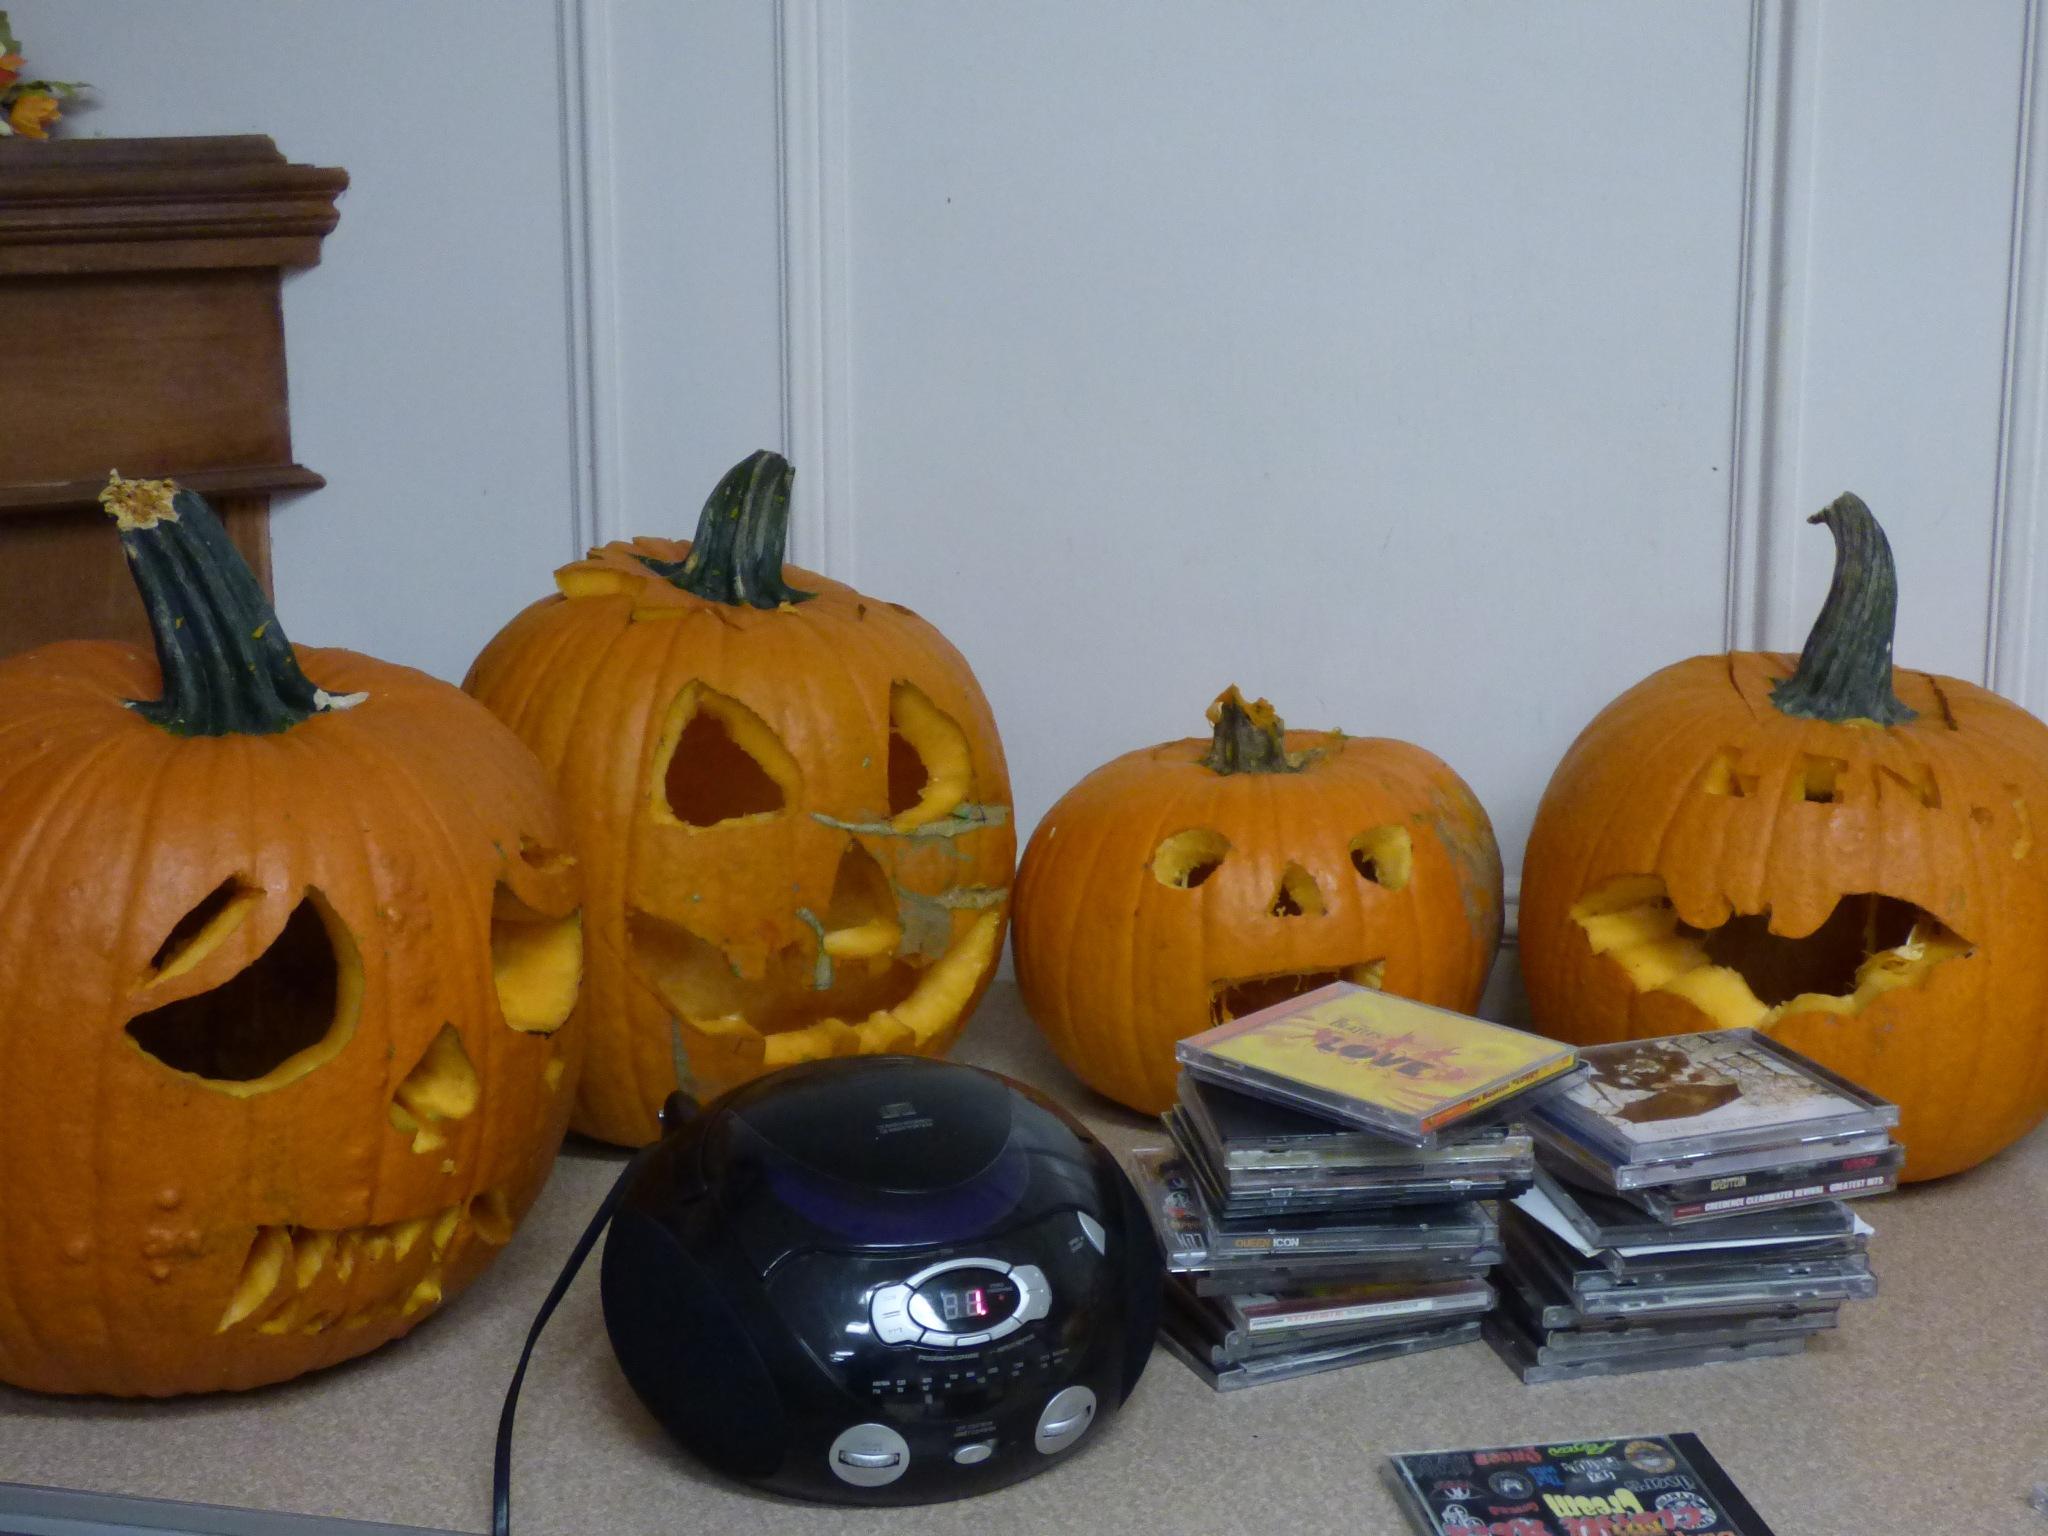 Pumpkin party by RegSoper